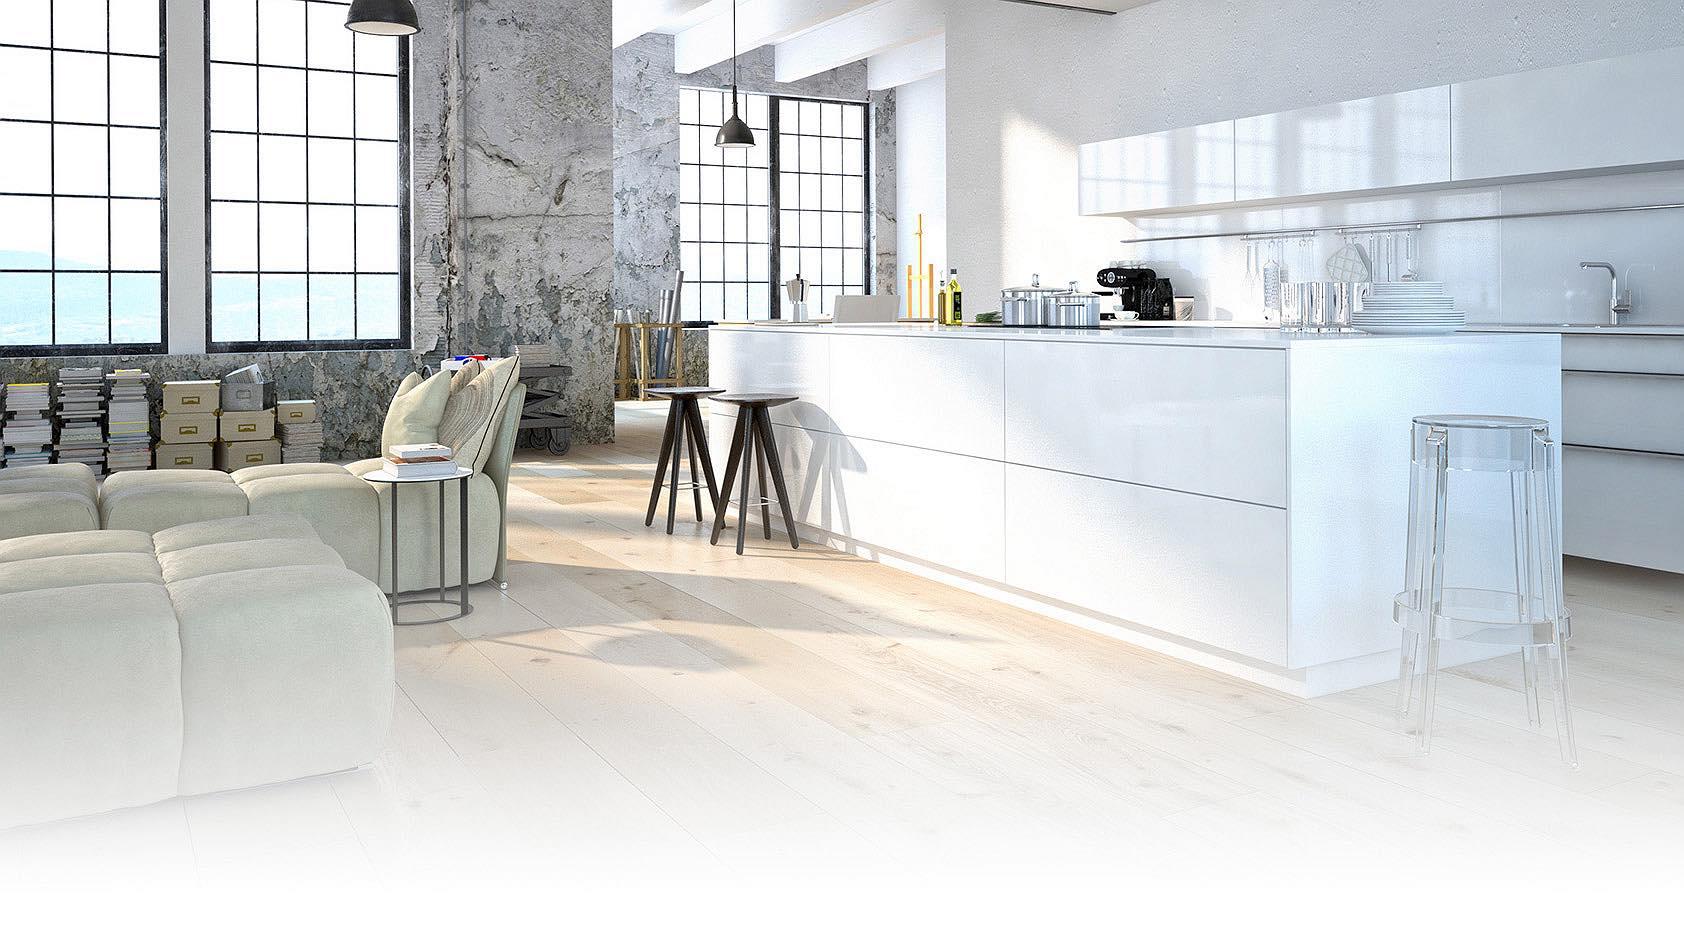 Full Size of Was Kostet Eine Küche Was Kostet Eine Küche Pro Meter Was Kostet Eine Küche Vom Tischler Was Kostet Eine Küche In Der Schweiz Küche Was Kostet Eine Küche